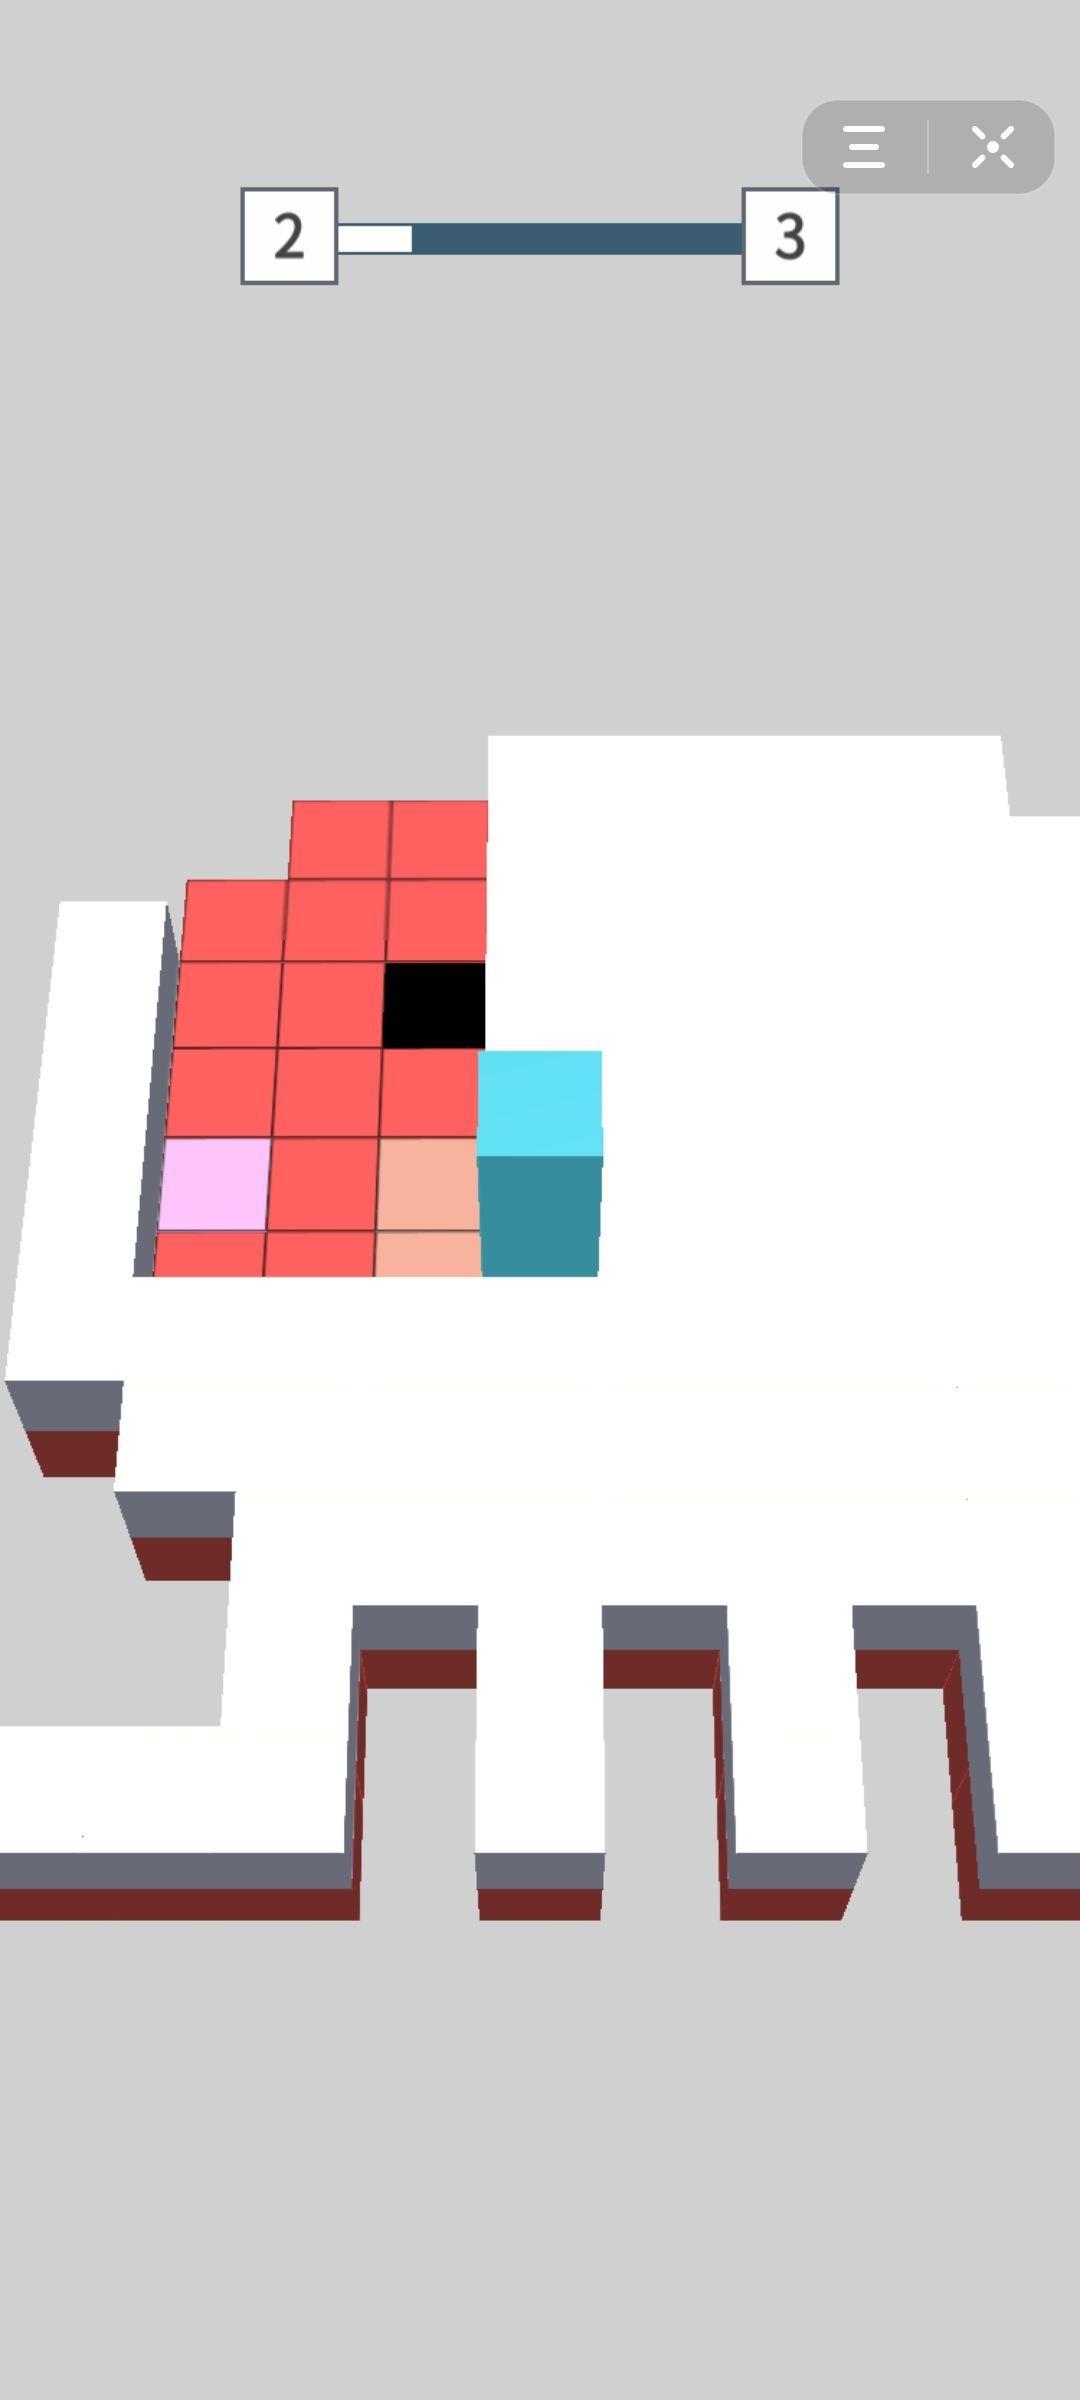 抖音方块翻翻乐3D小程序游戏最新版图2: